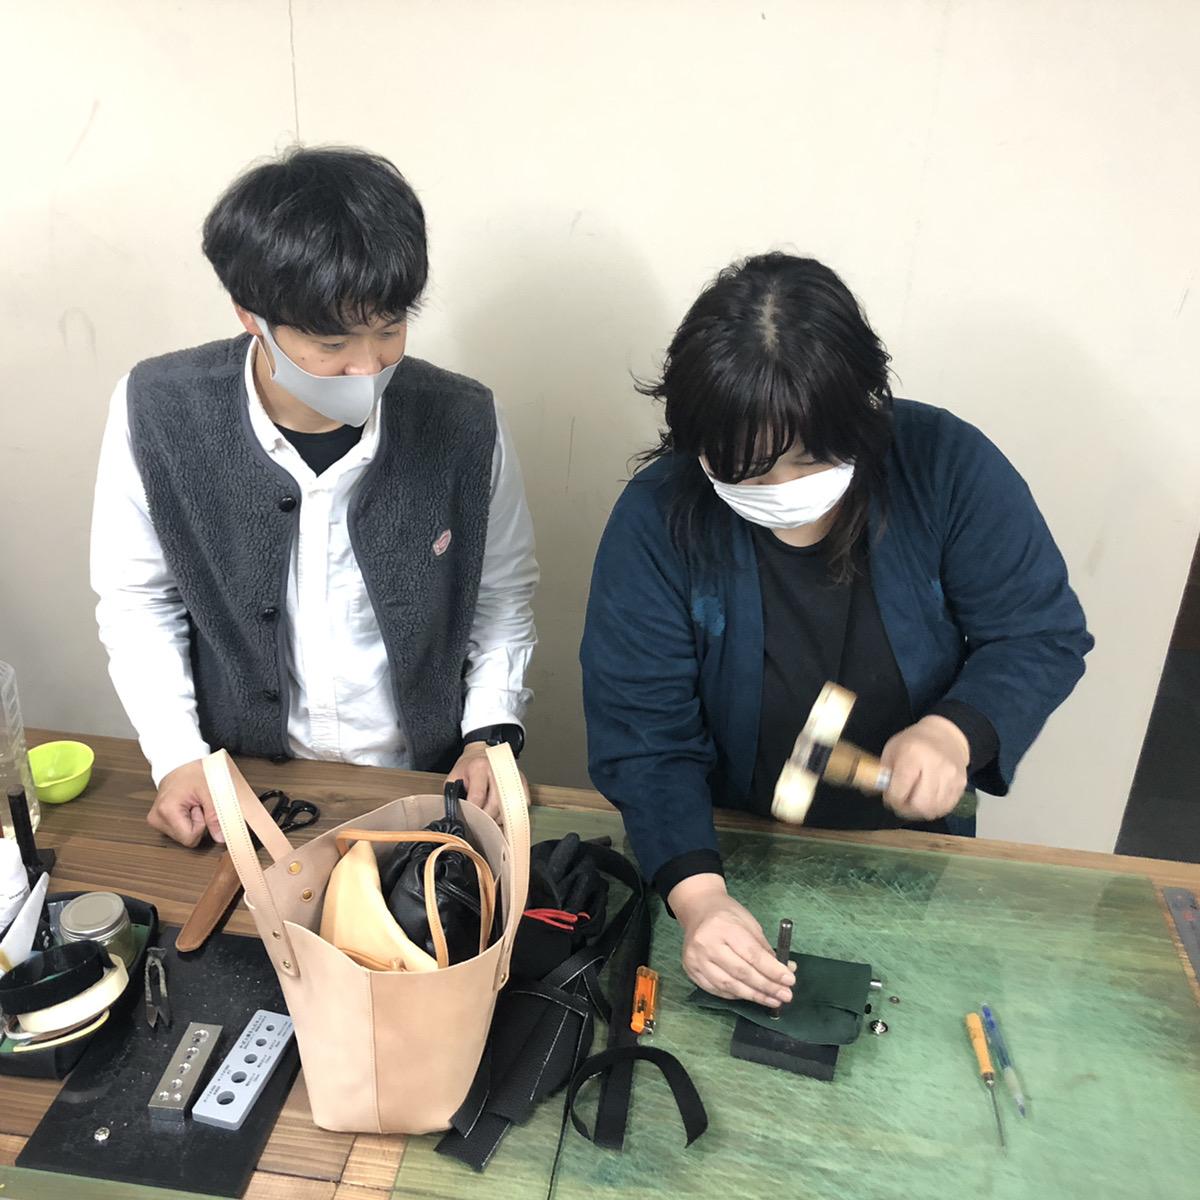 ナニワの革問屋巡り&製作体験。製作体験では余った時間で簡単な小物等もお作りいただけます。